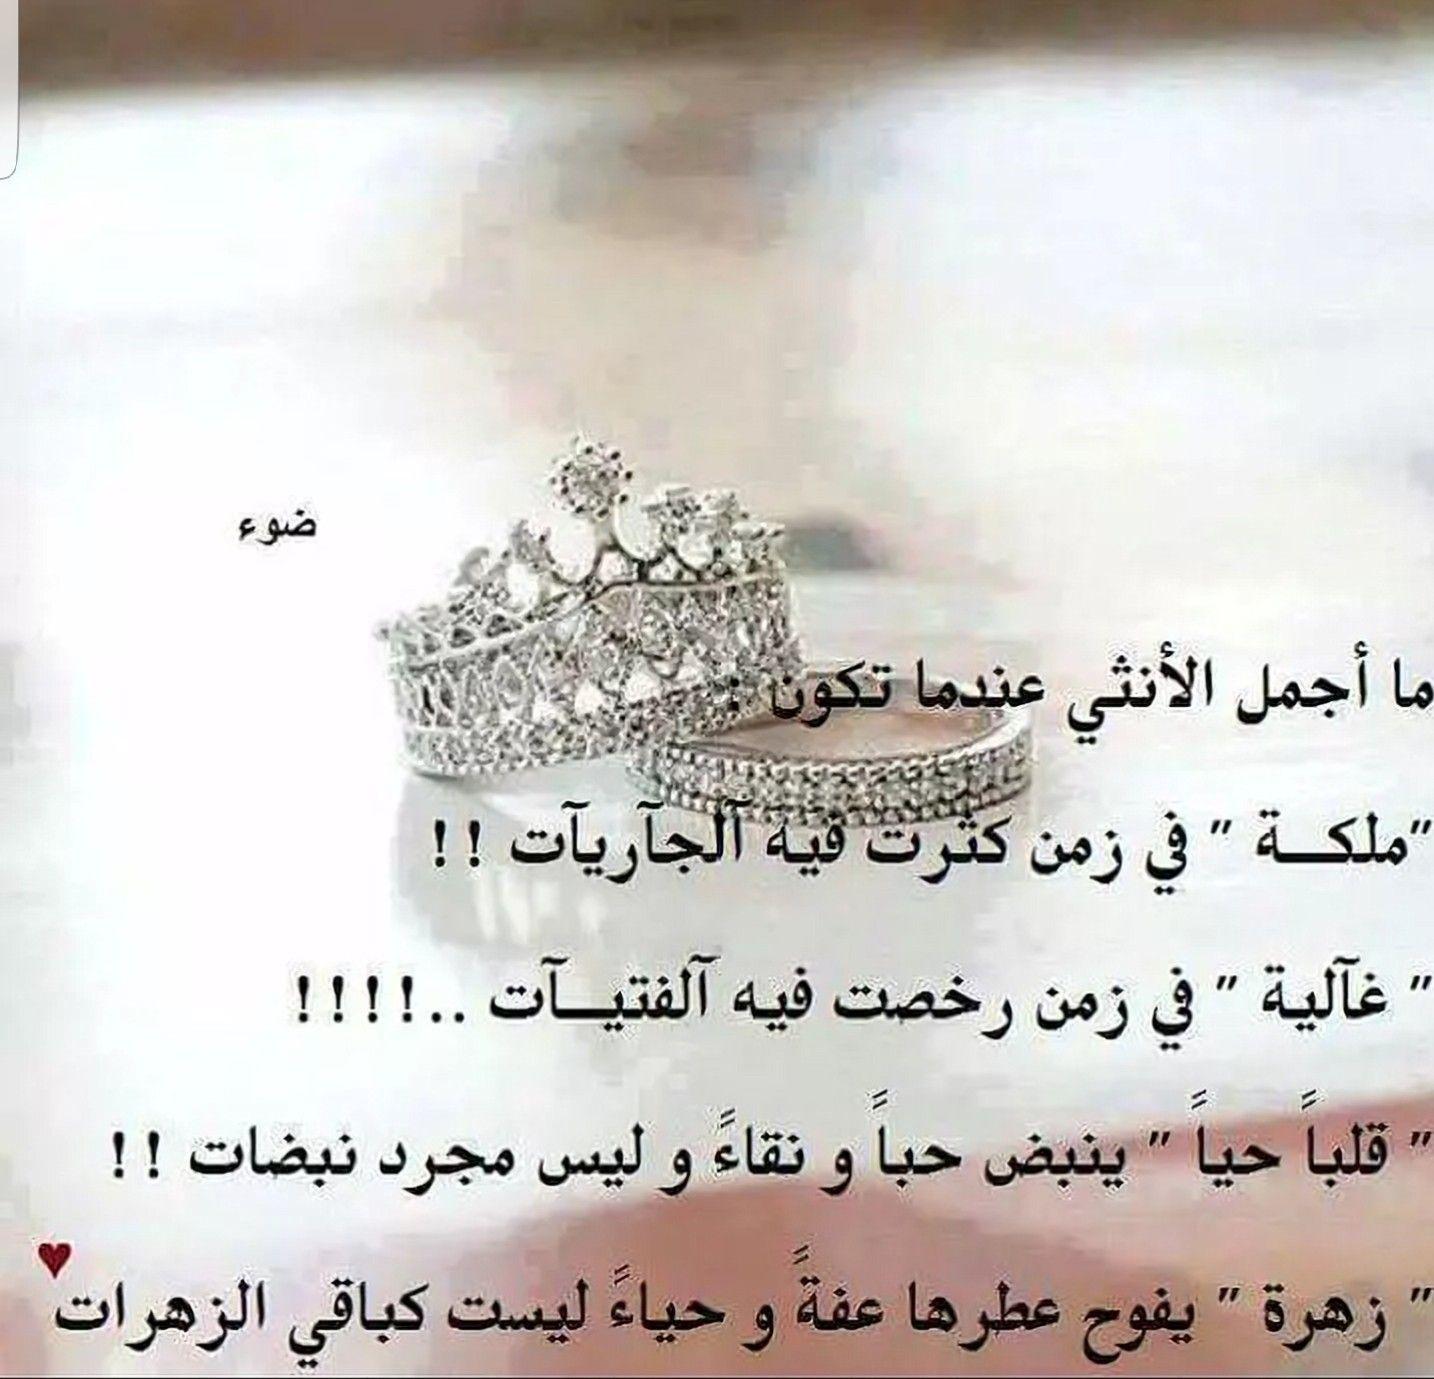 اللهم استر على نساء المسلمين يا رب اقوال انثى Diamond Ring Crystals Diamond